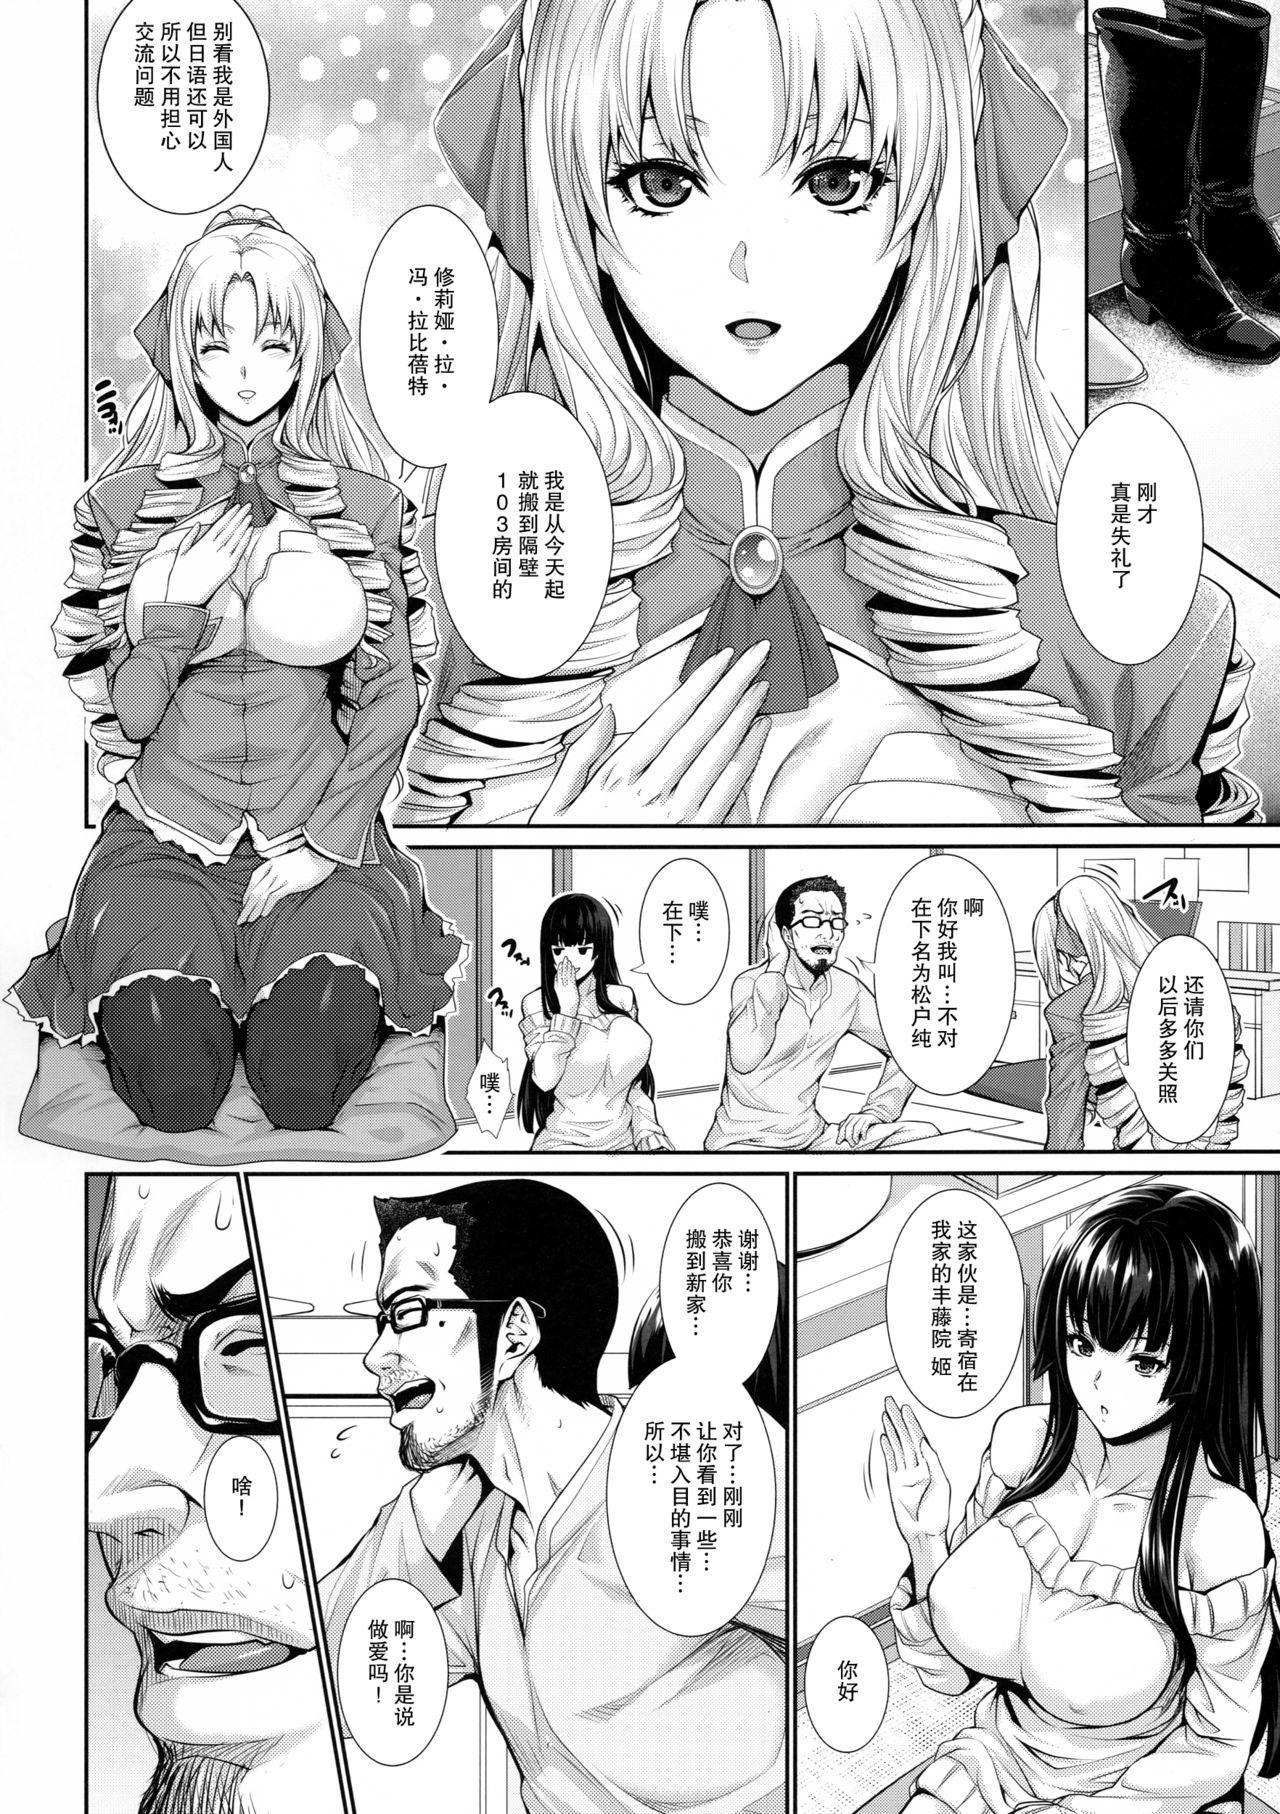 Yonjyouhan x Monogatari Nijoume 5